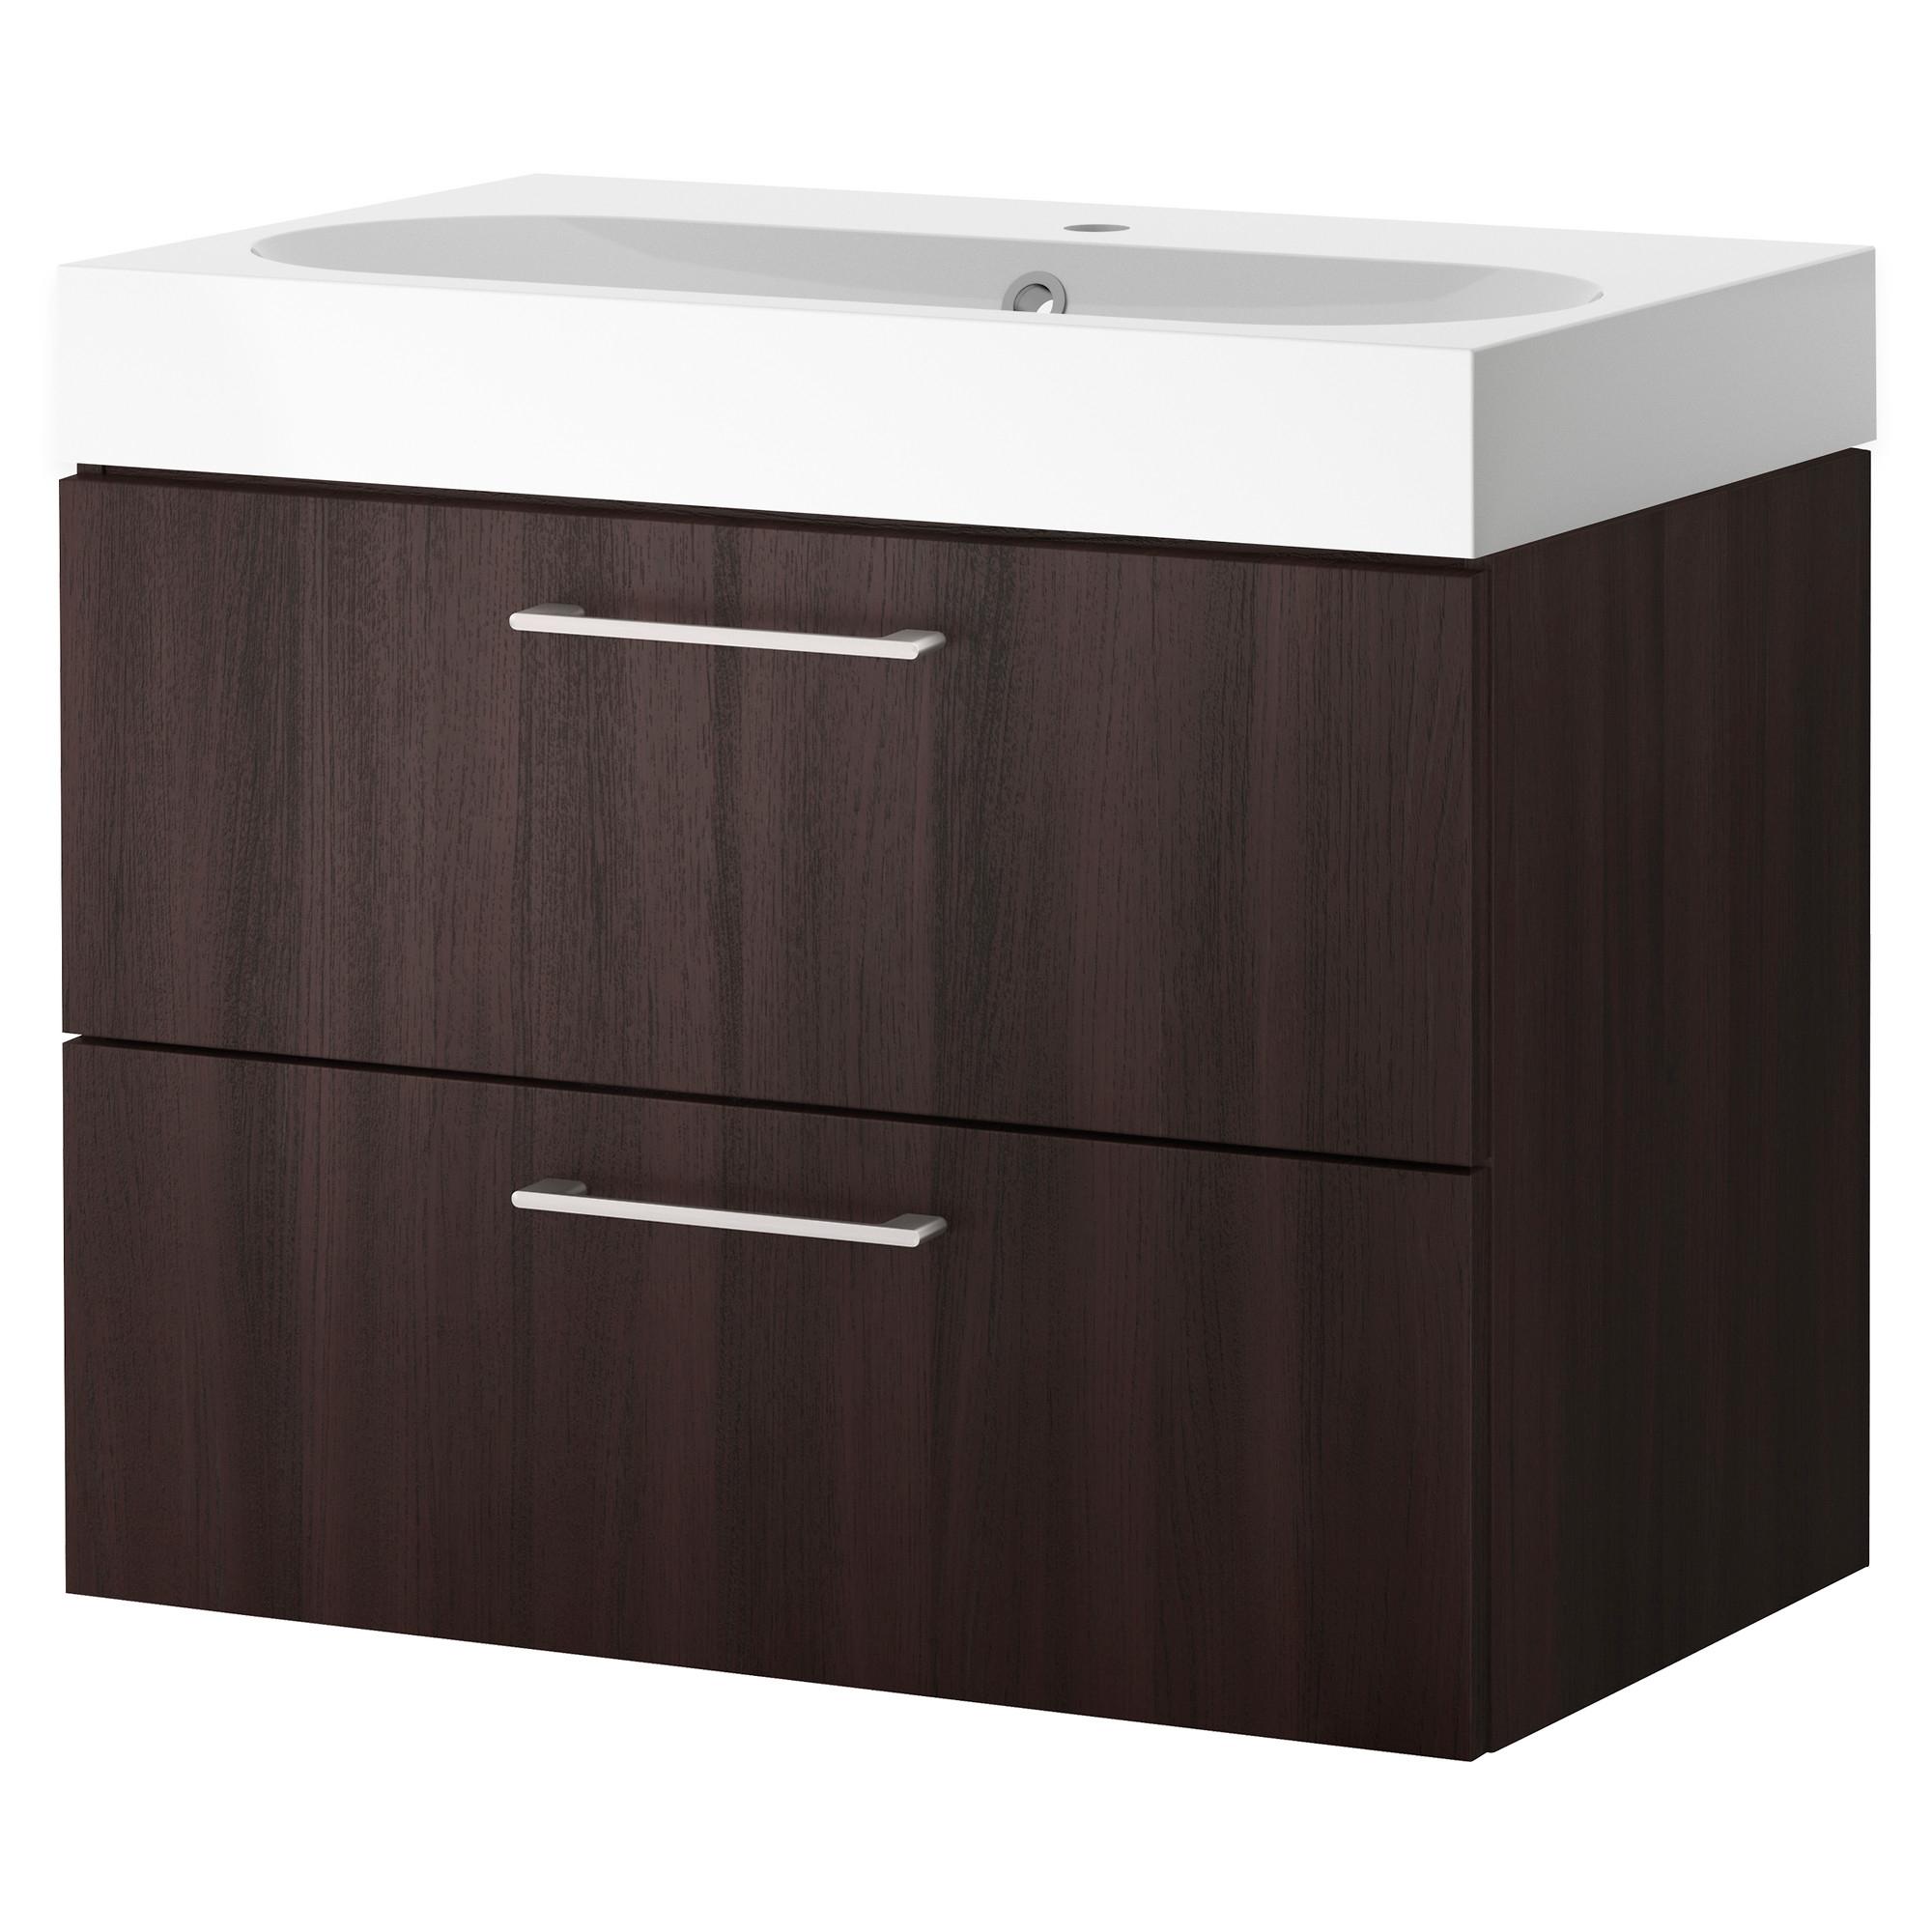 Godmorgon braviken armario lavabo 2 cajones 80cm - Armario lavabo ikea ...